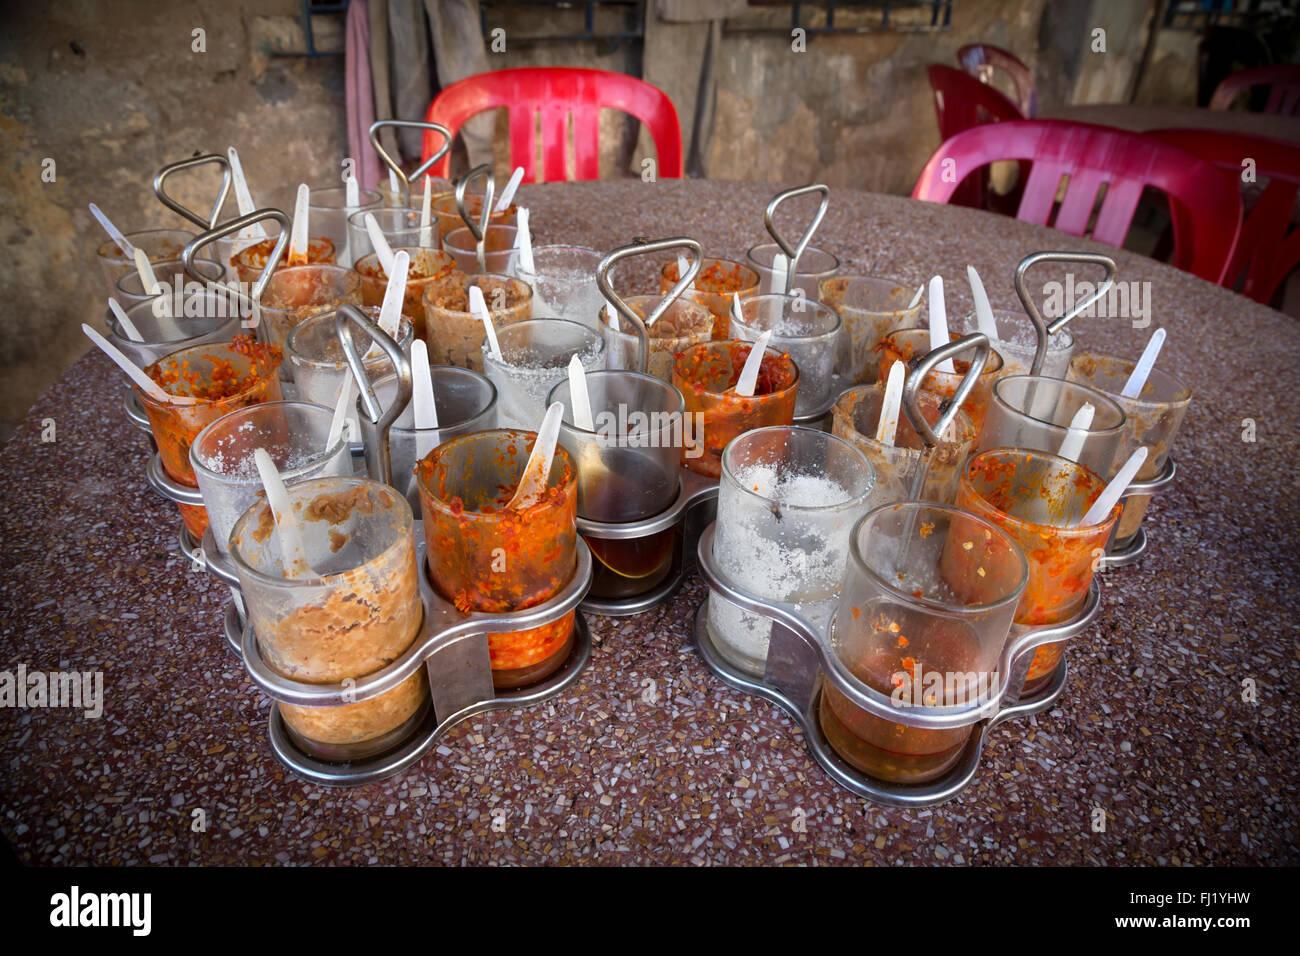 Gewürze und Chili peppers in Gläsern auf einem Tisch in einem Restaurant von Kampot, Kambodscha Stockbild